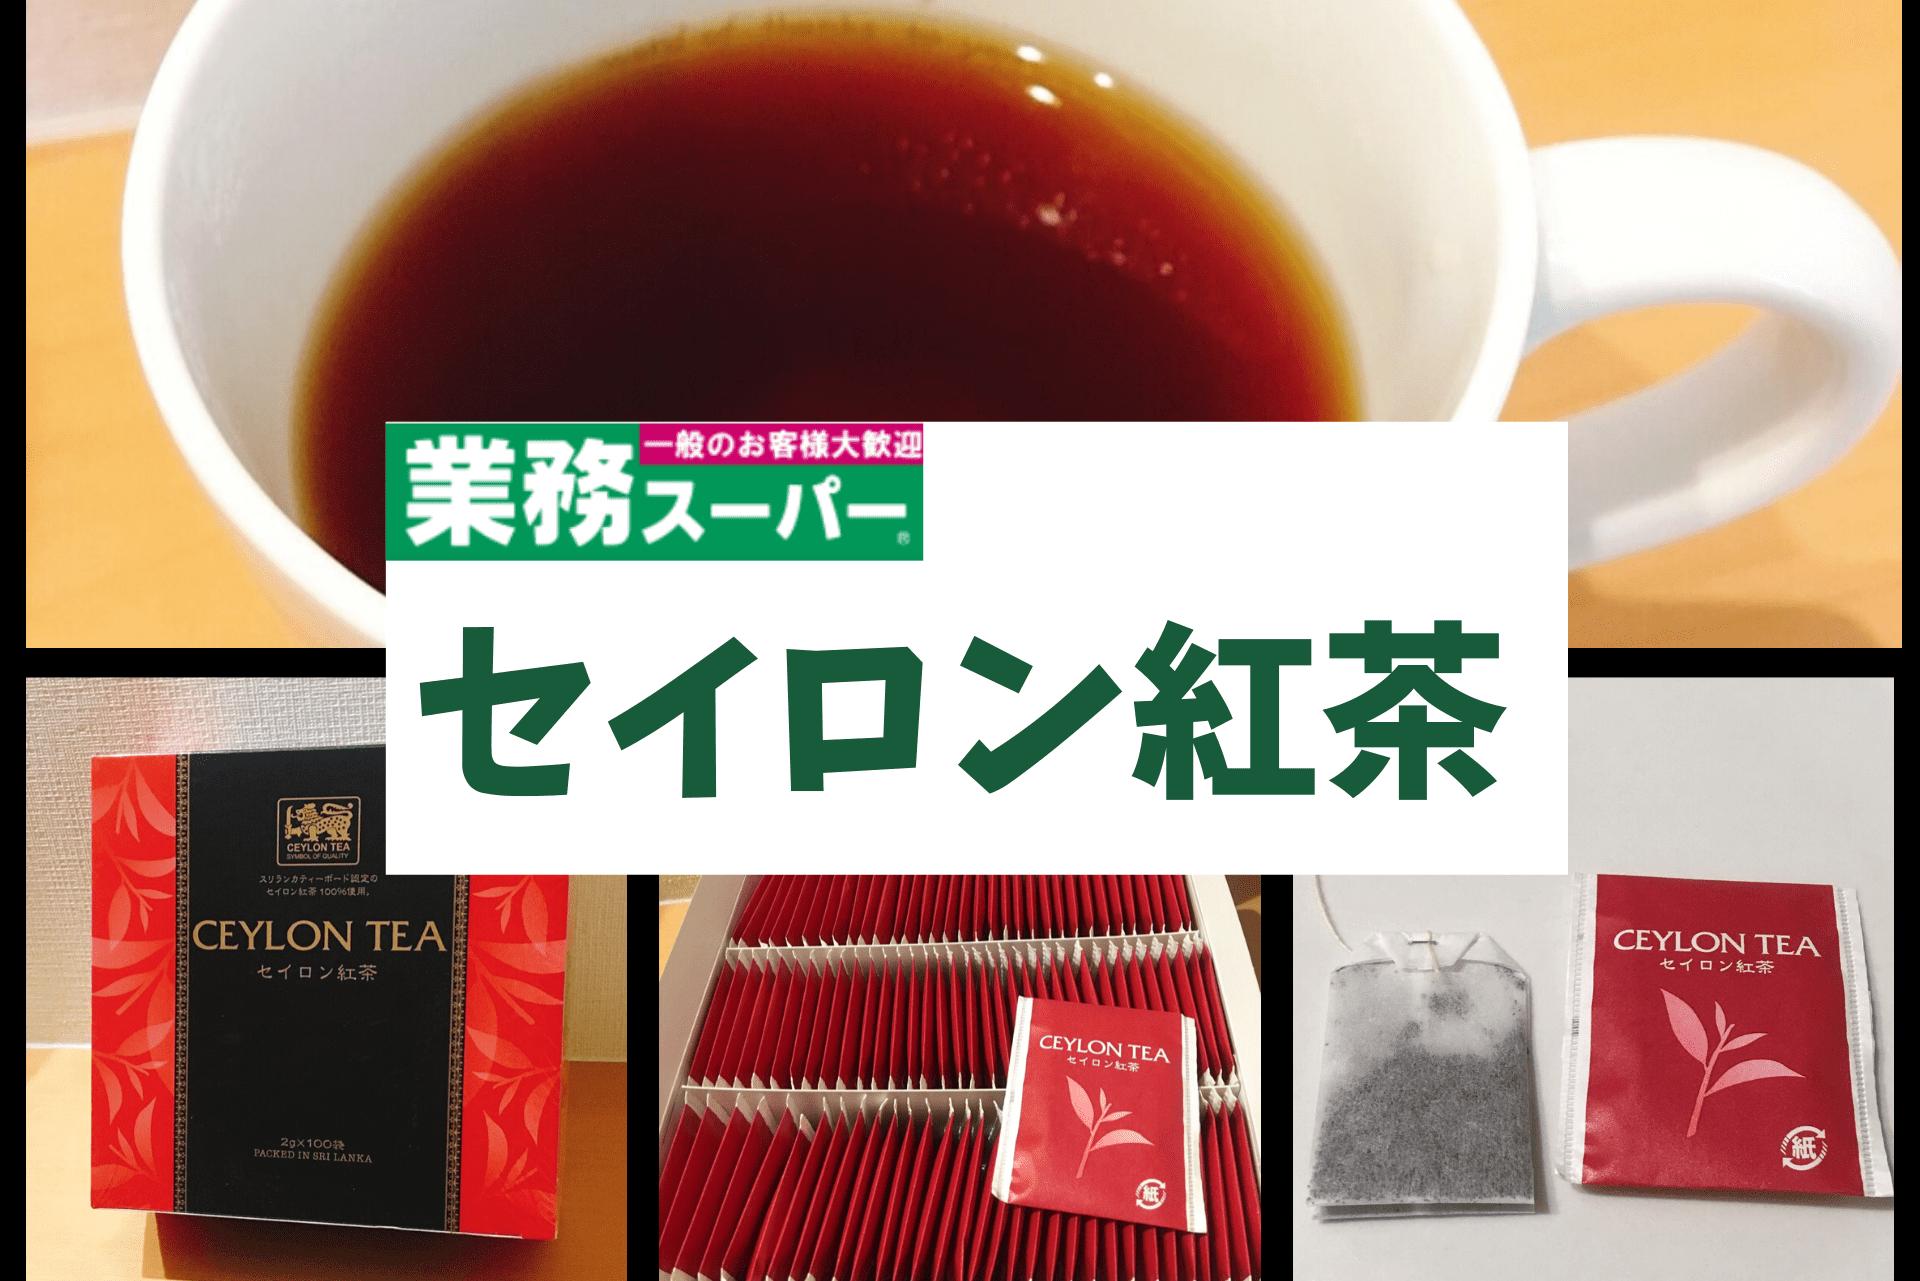 セイロン紅茶